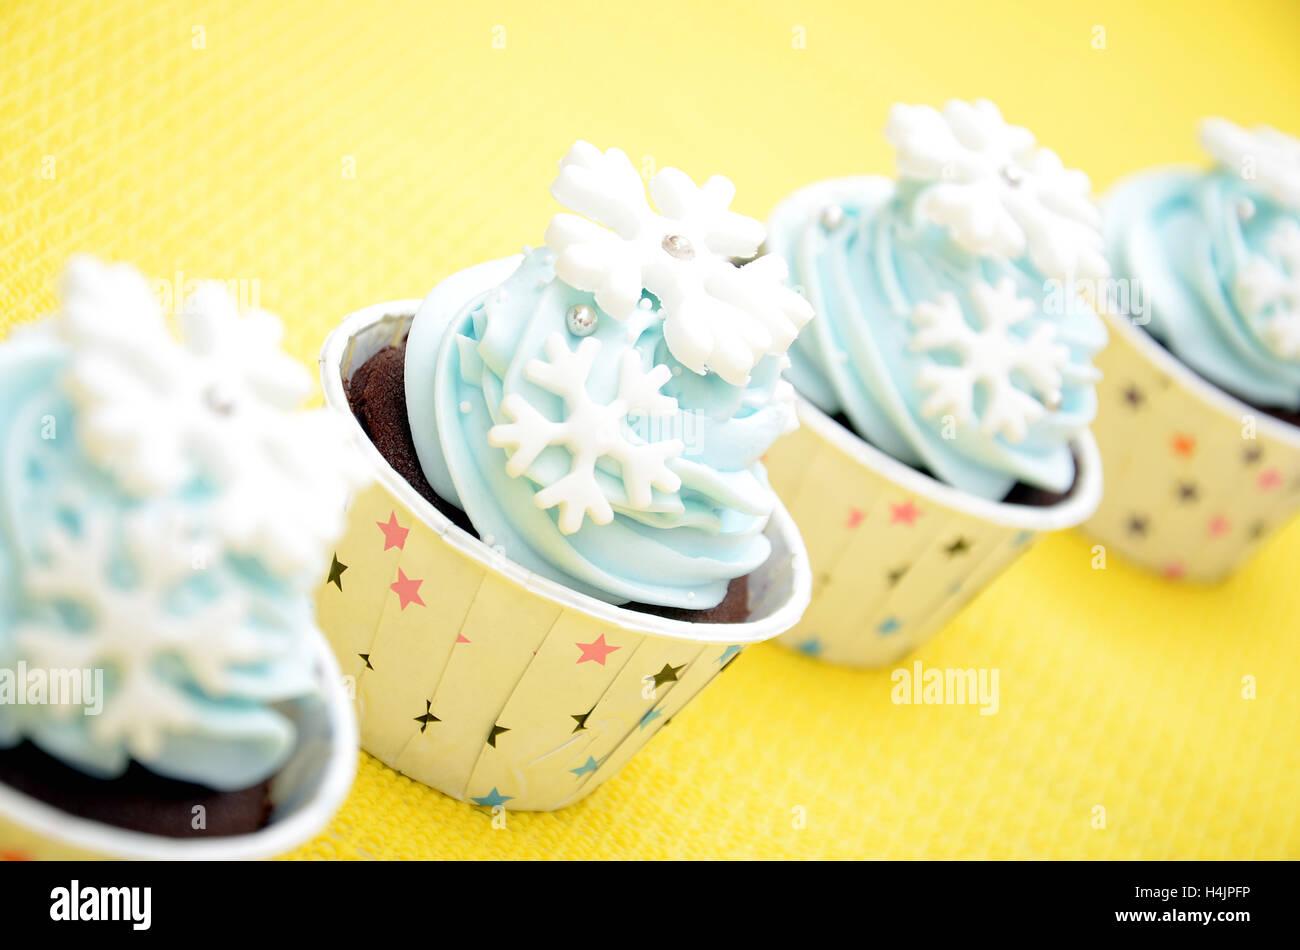 c782fc634db6 Tazza di torte con i fiocchi di neve la decorazione nel colore della luce  blu per una festa di compleanno